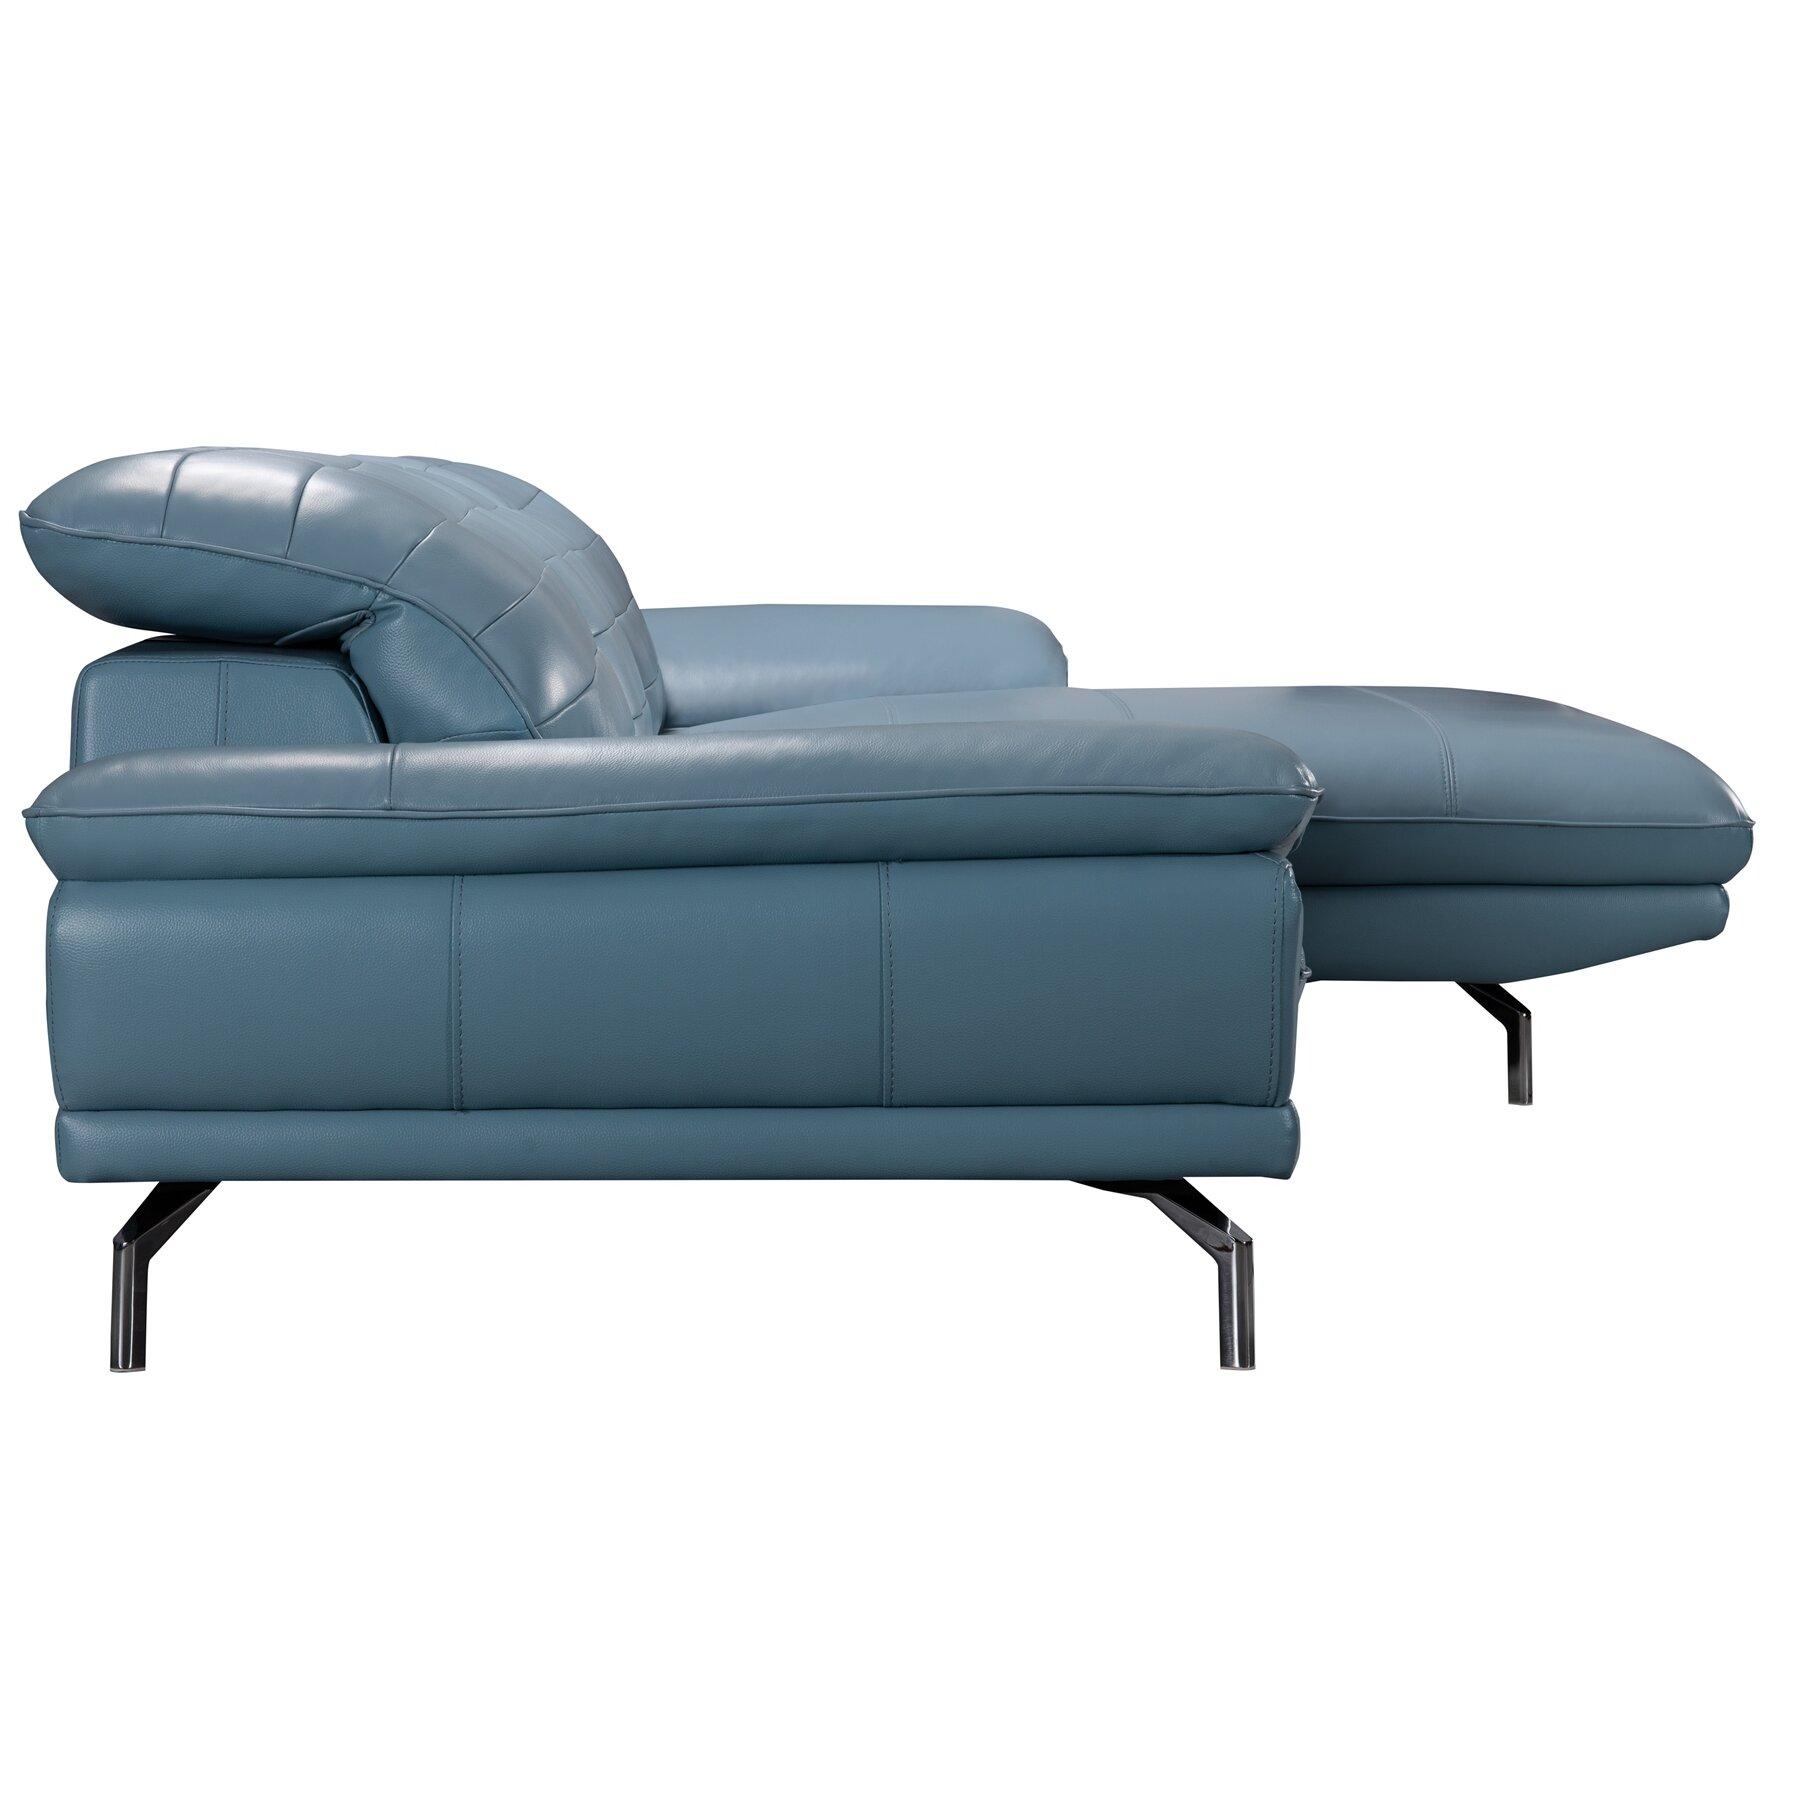 Wade Logan Alsatia Leather Sectional Sofa Wayfair